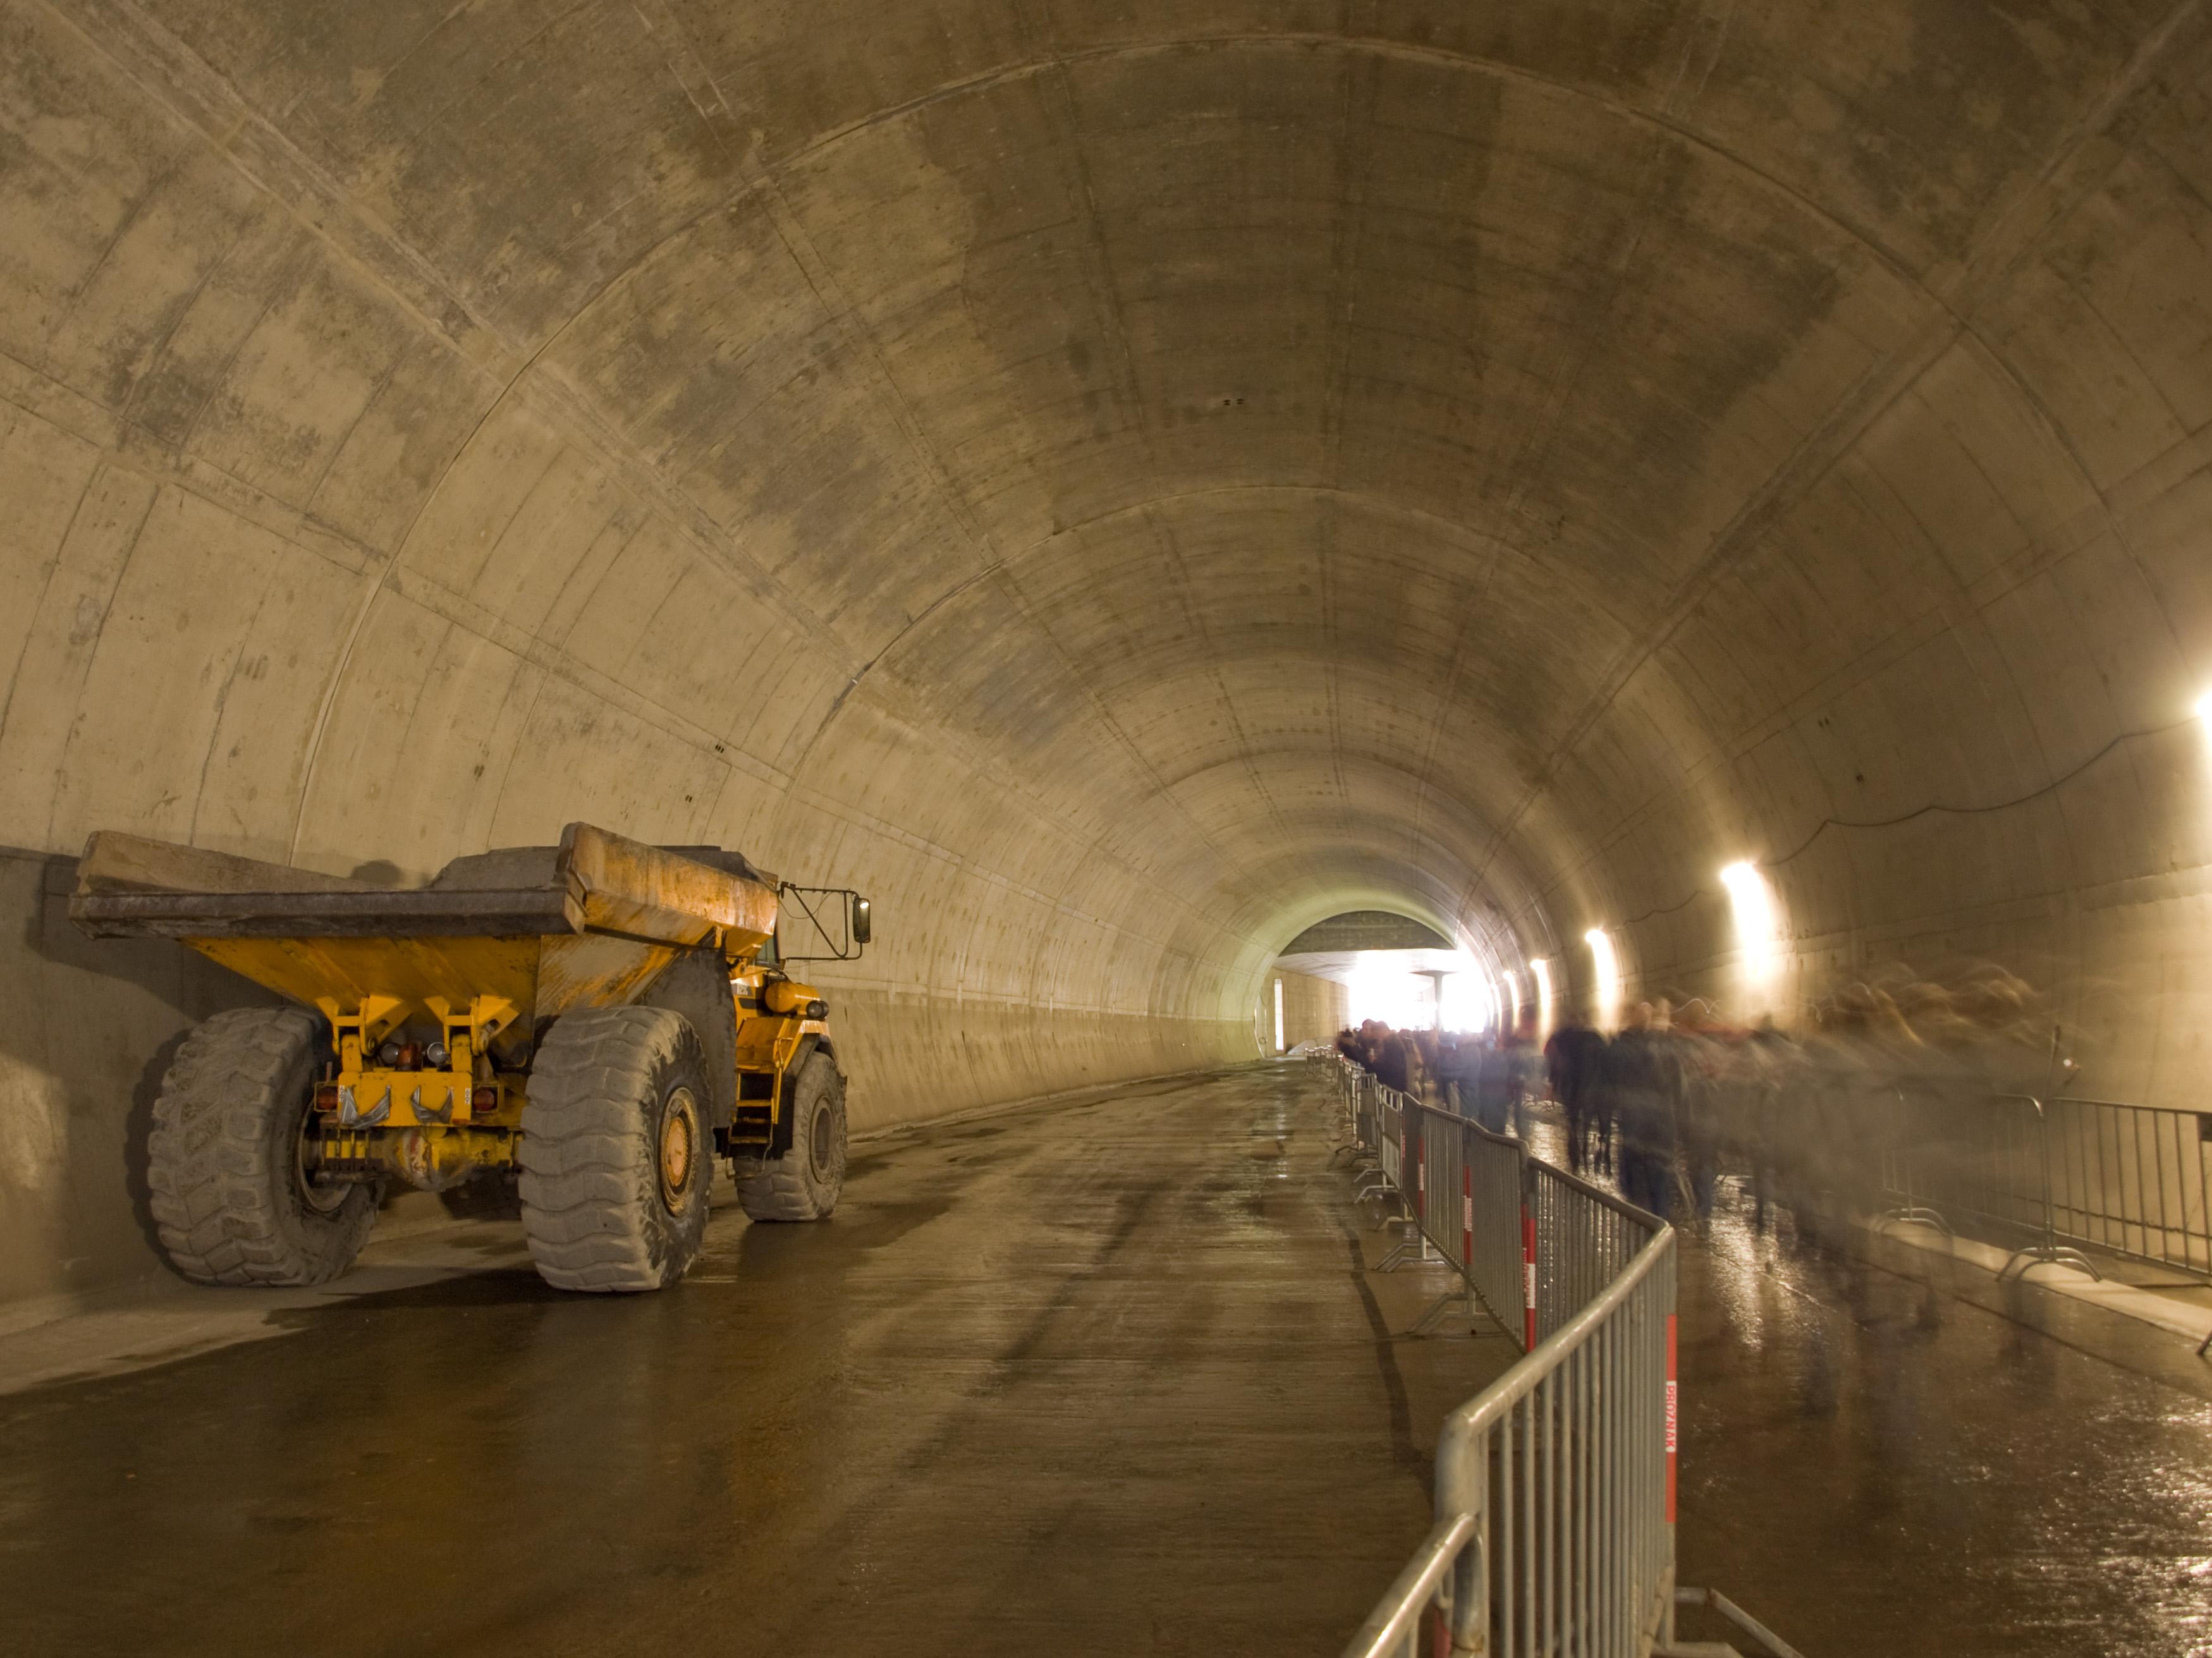 File:Tunel Blanka, rozšíření u Troje.jpg - Wikimedia Commons